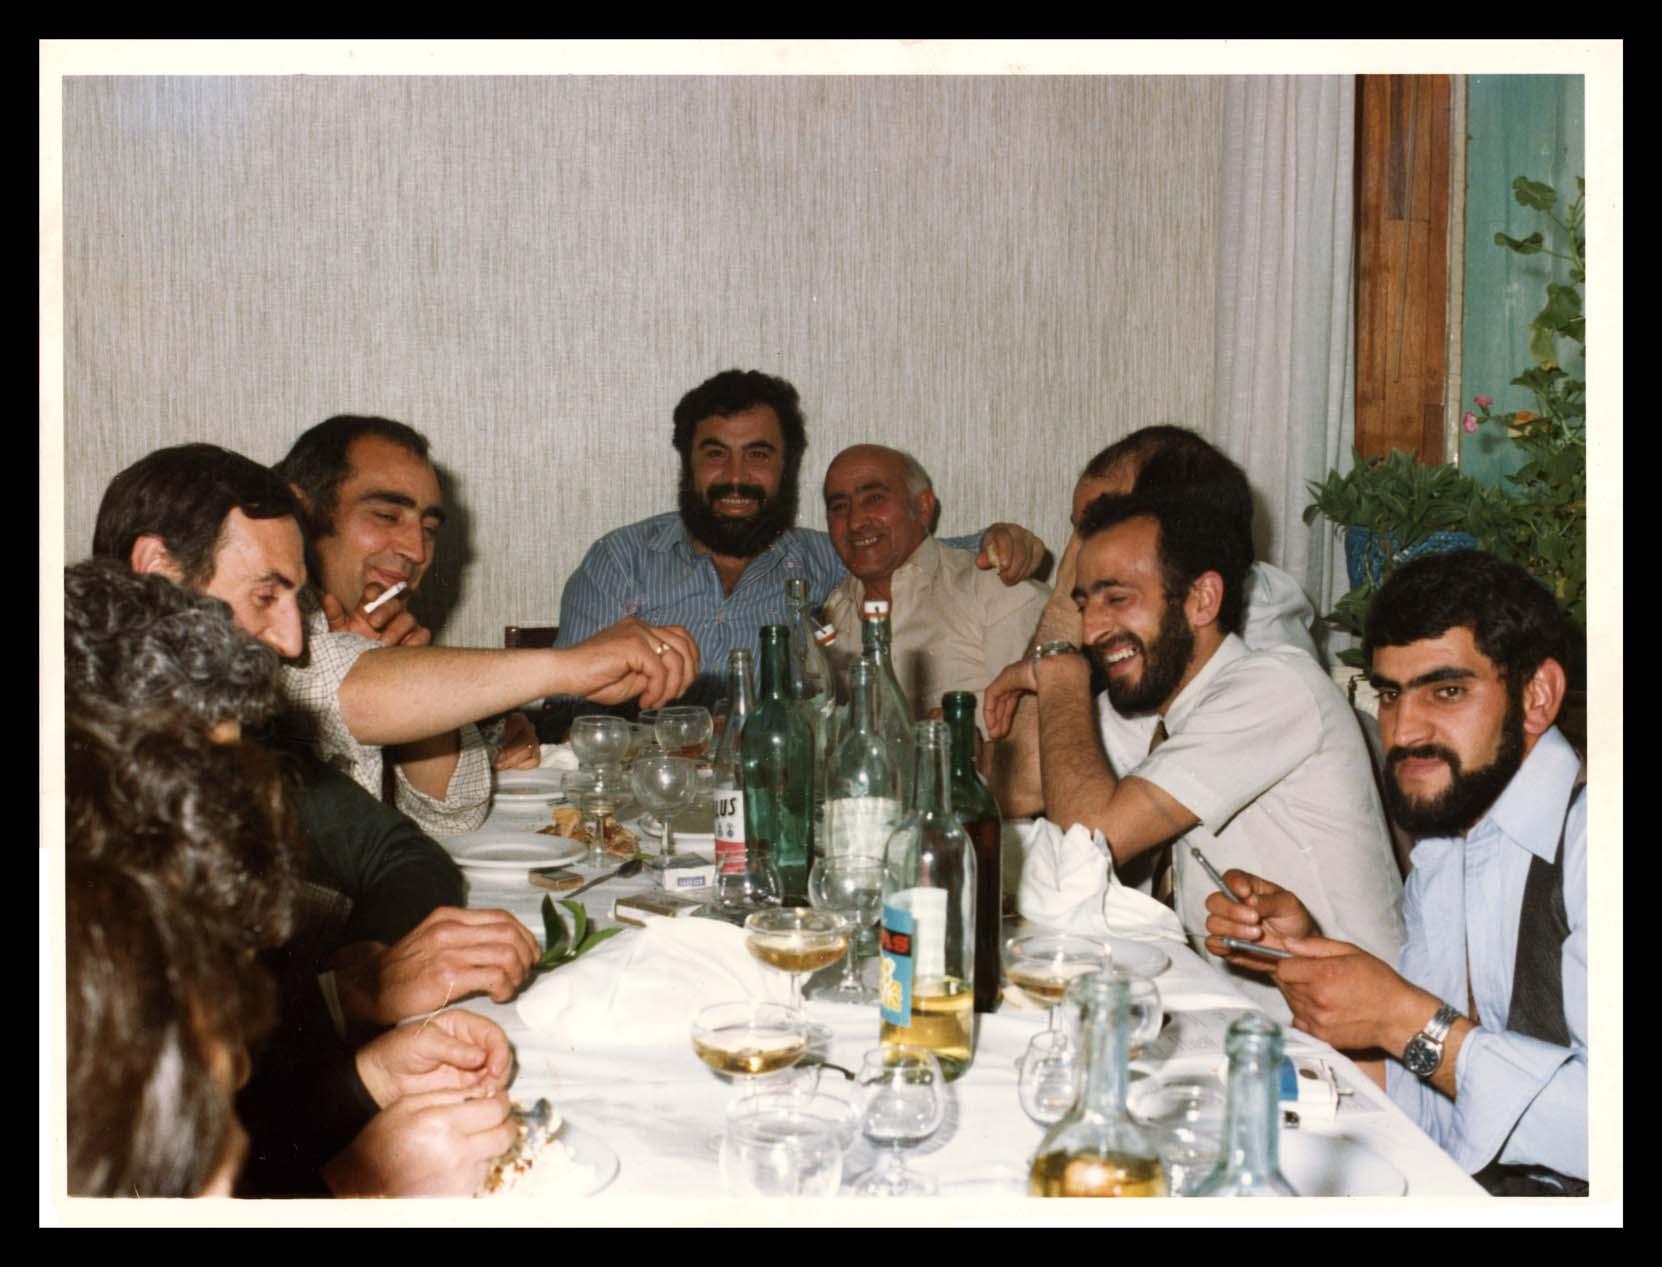 José Nieto Espeso en el banquete de una boda en Peñaranda de Bracamonte